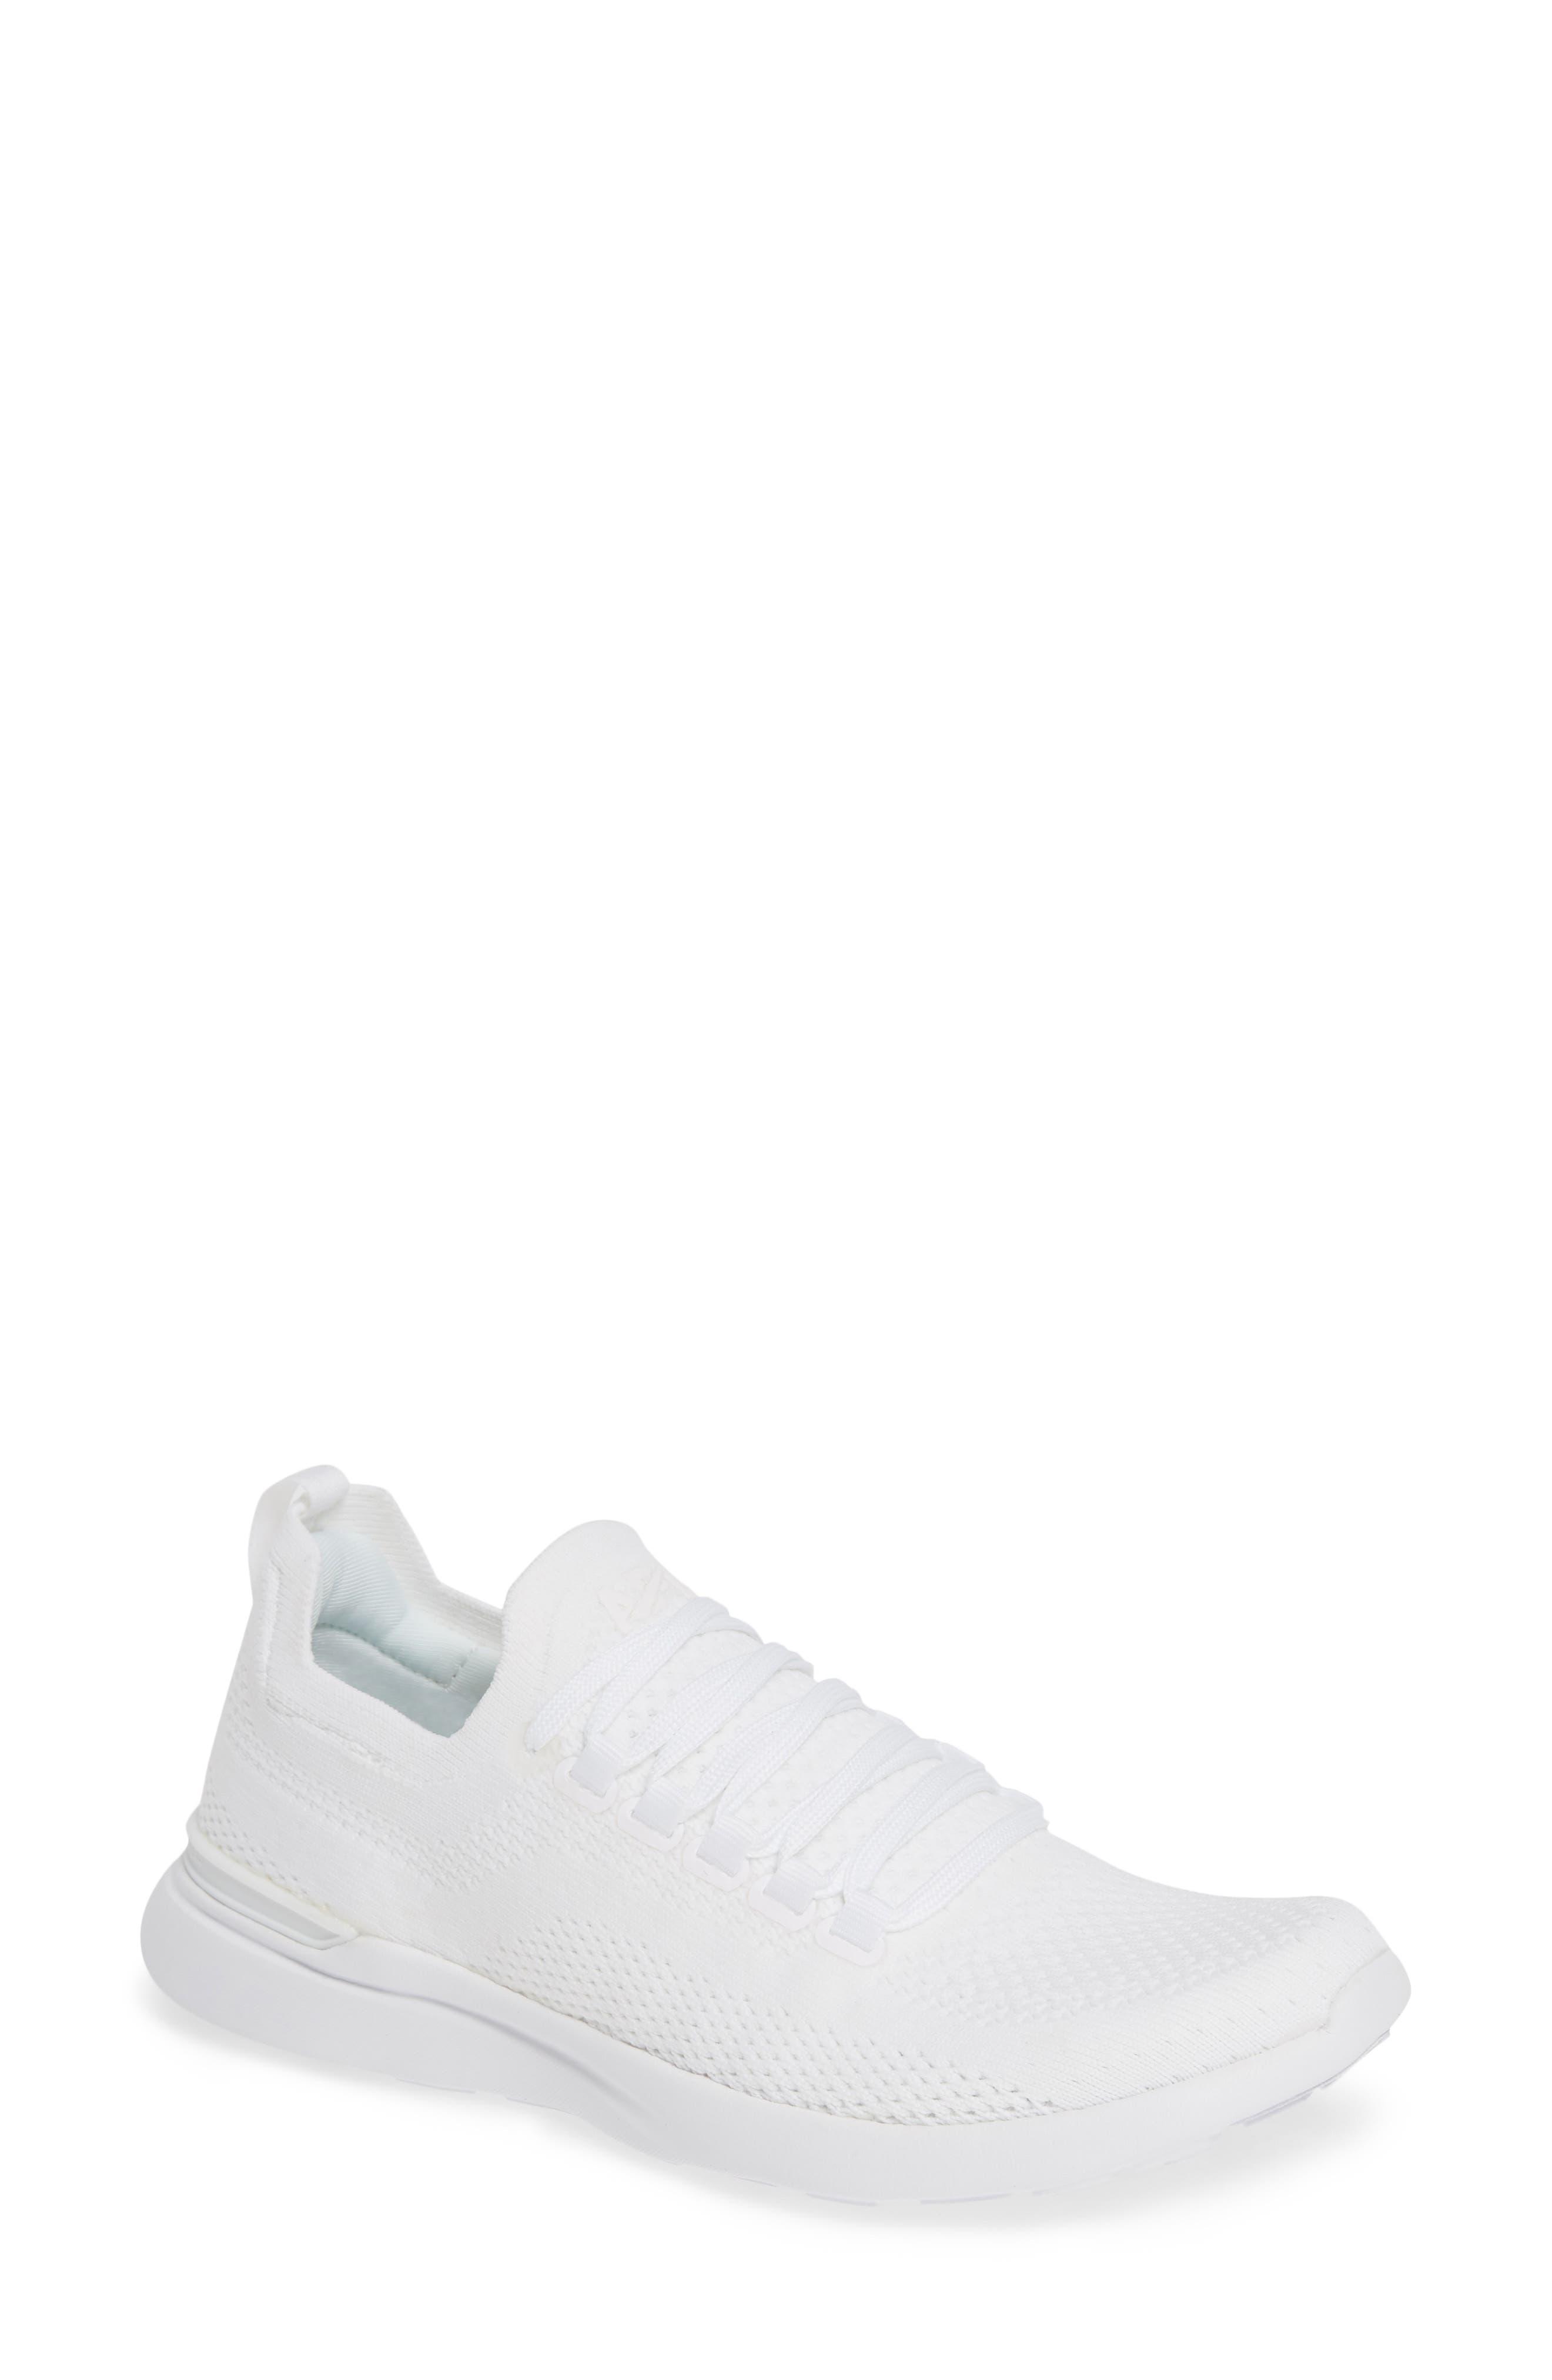 Techloom Breeze Knit Mesh Sneakers in White